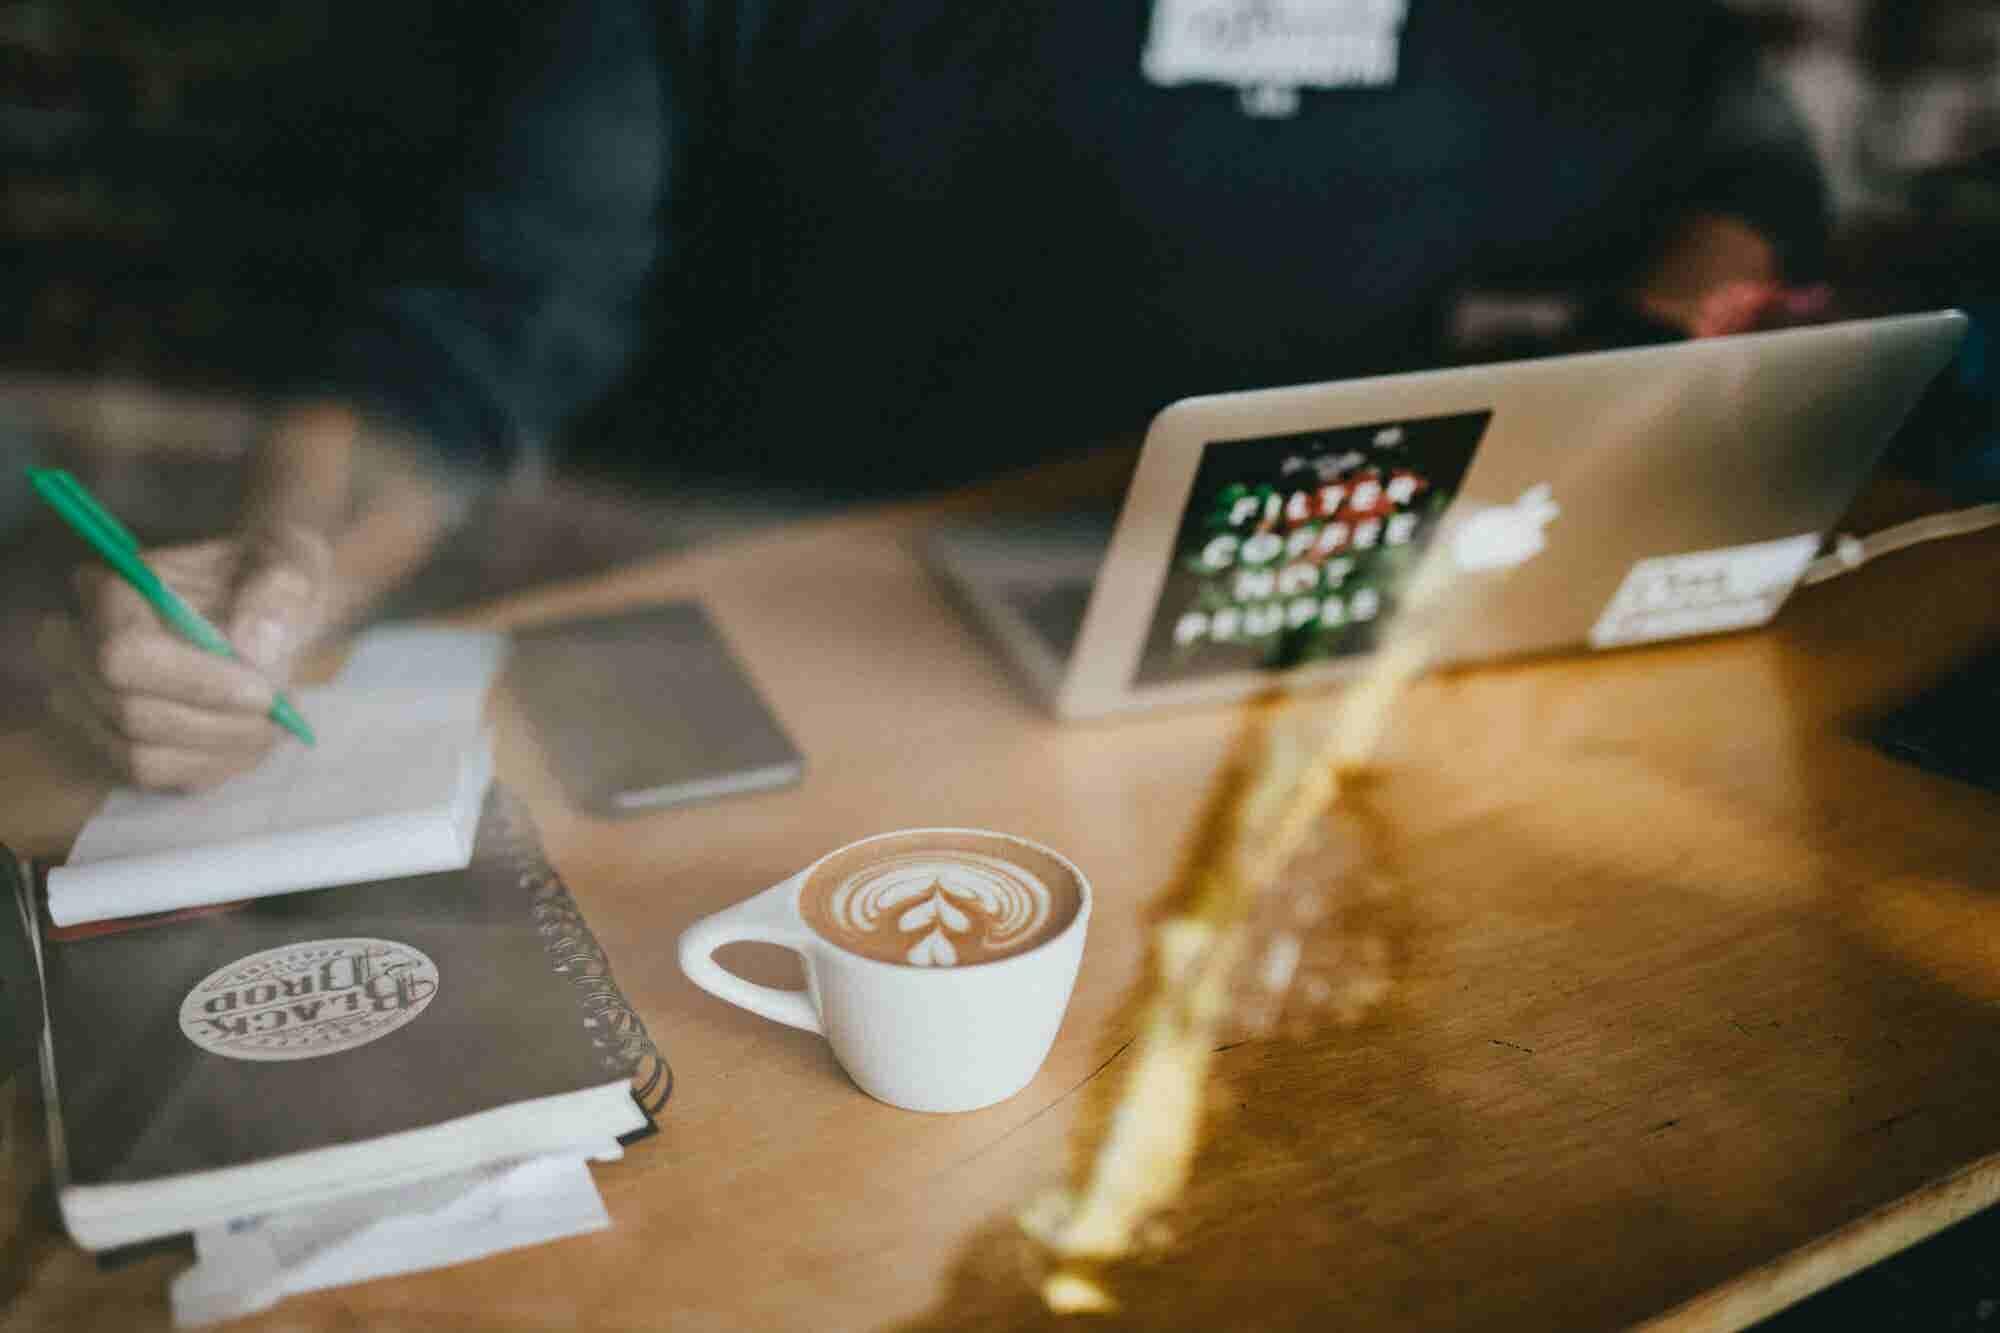 ¡Arranca la semana! Sácale provecho con 5 secretos para ser más productivo